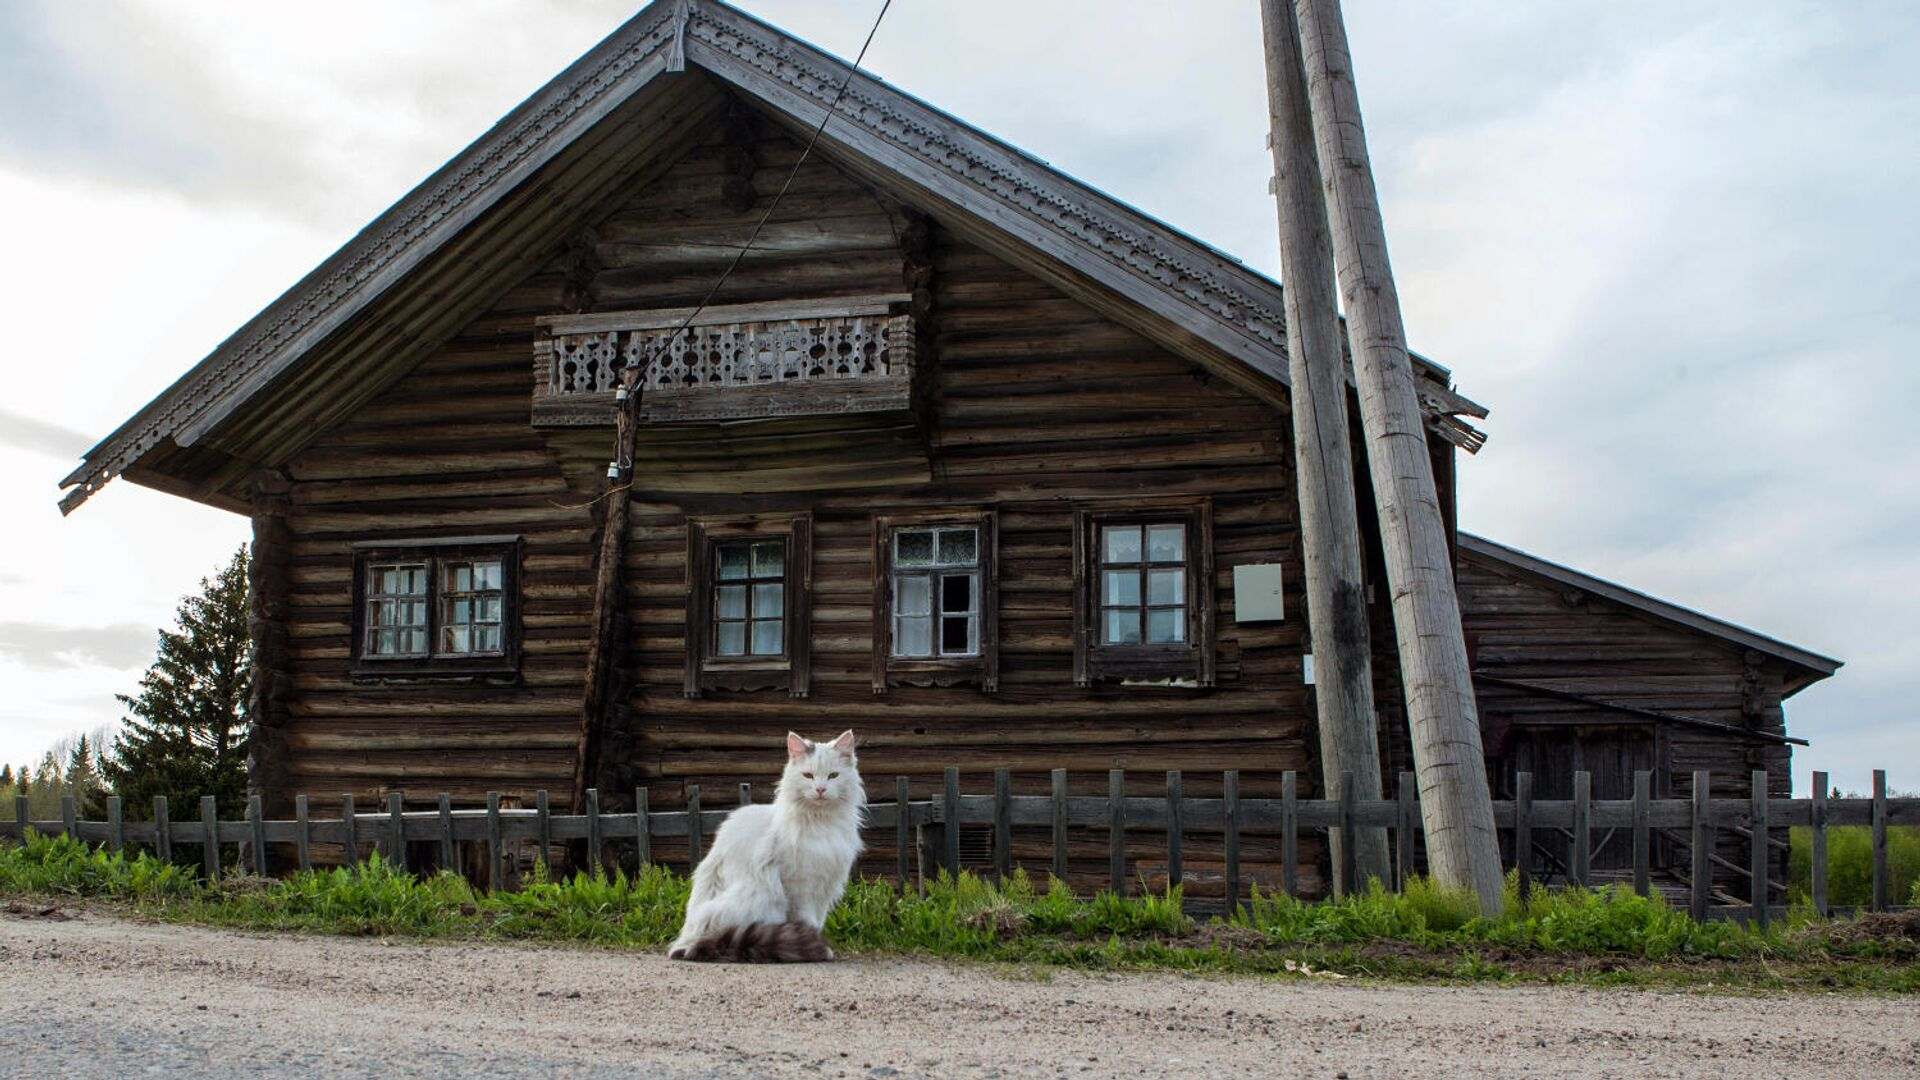 Деревянный дом в деревне - РИА Новости, 1920, 09.11.2020